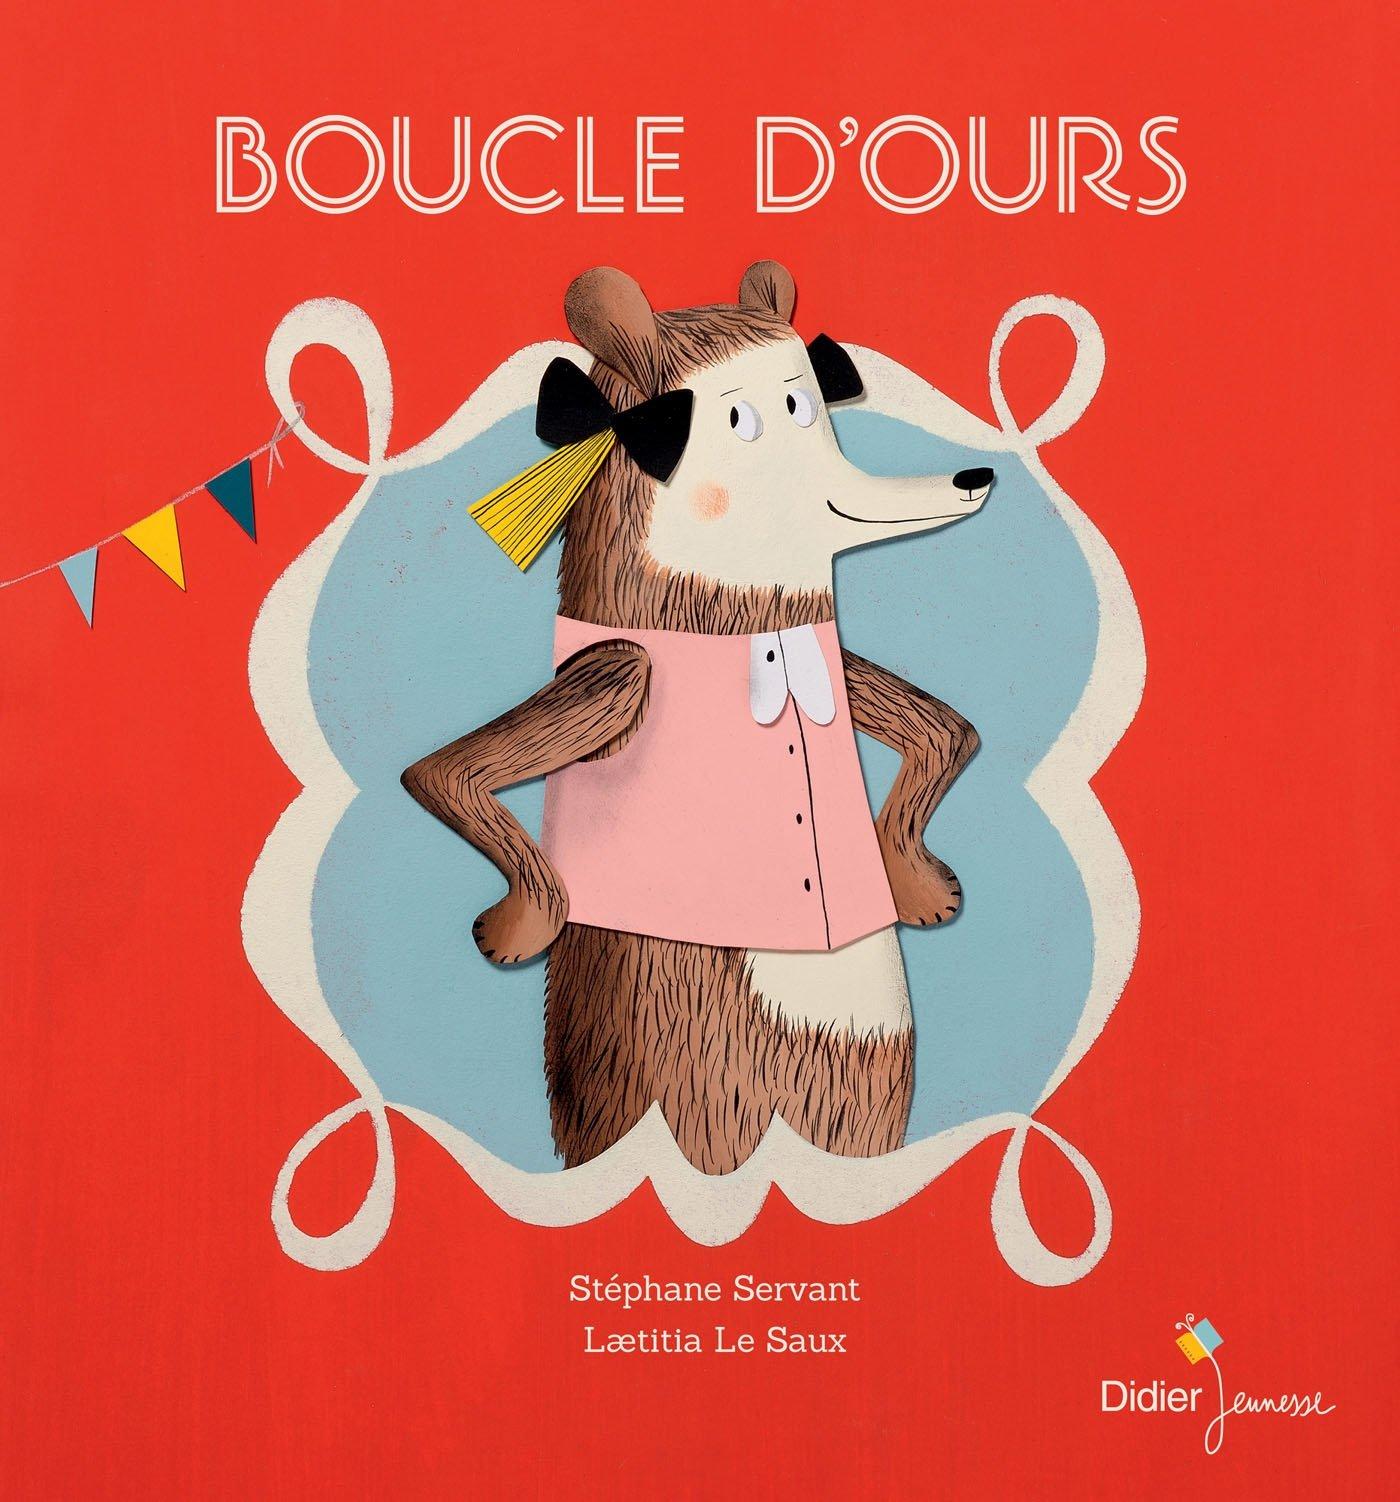 Boucle d'ours: Amazon.fr: Servant, Stéphane, Le Saux, Laetitia: Livres